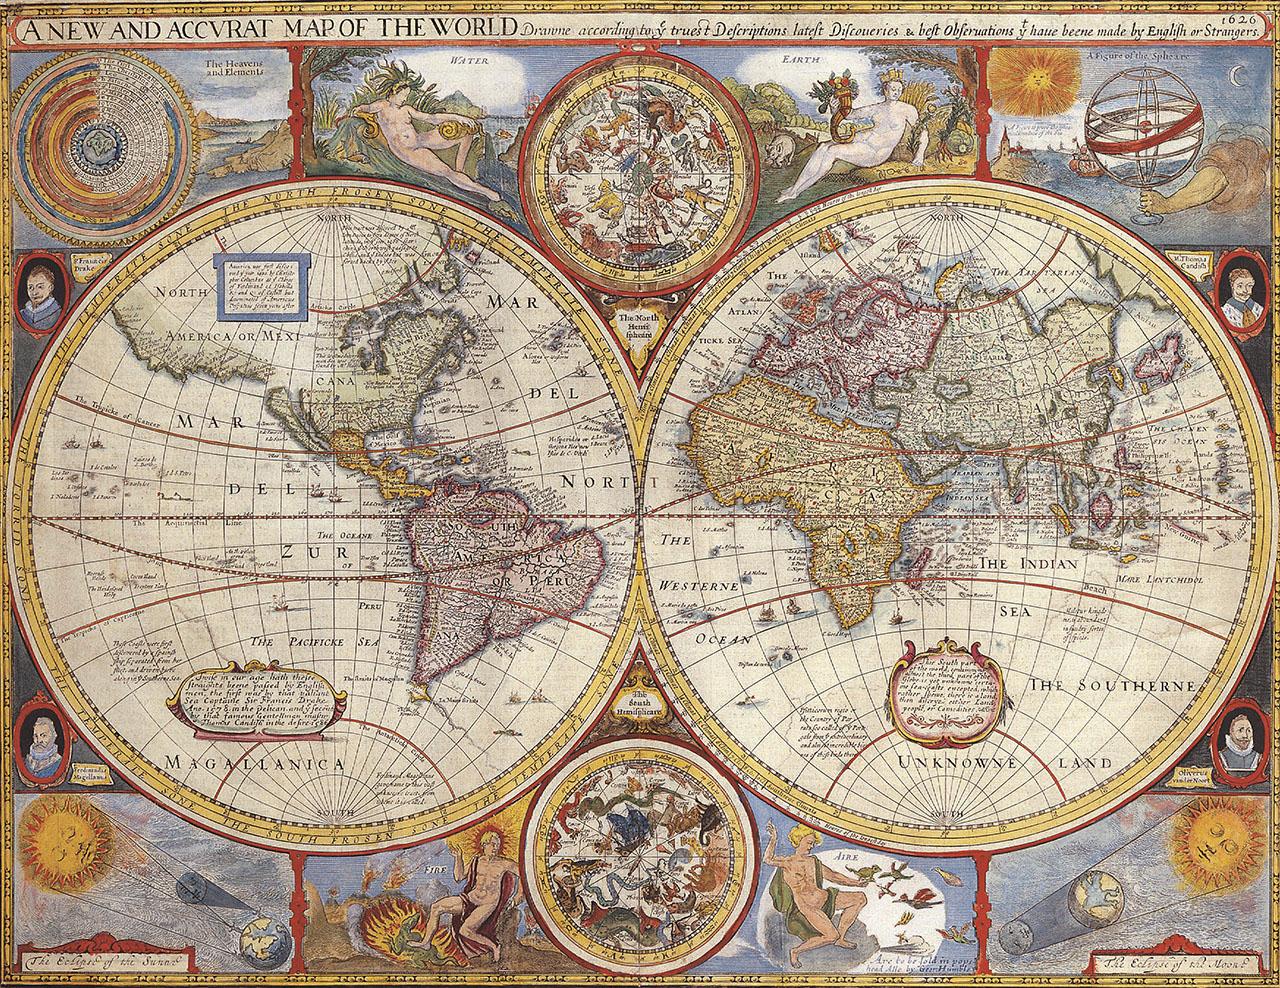 Постер на подрамнике Карта мира 1626 года